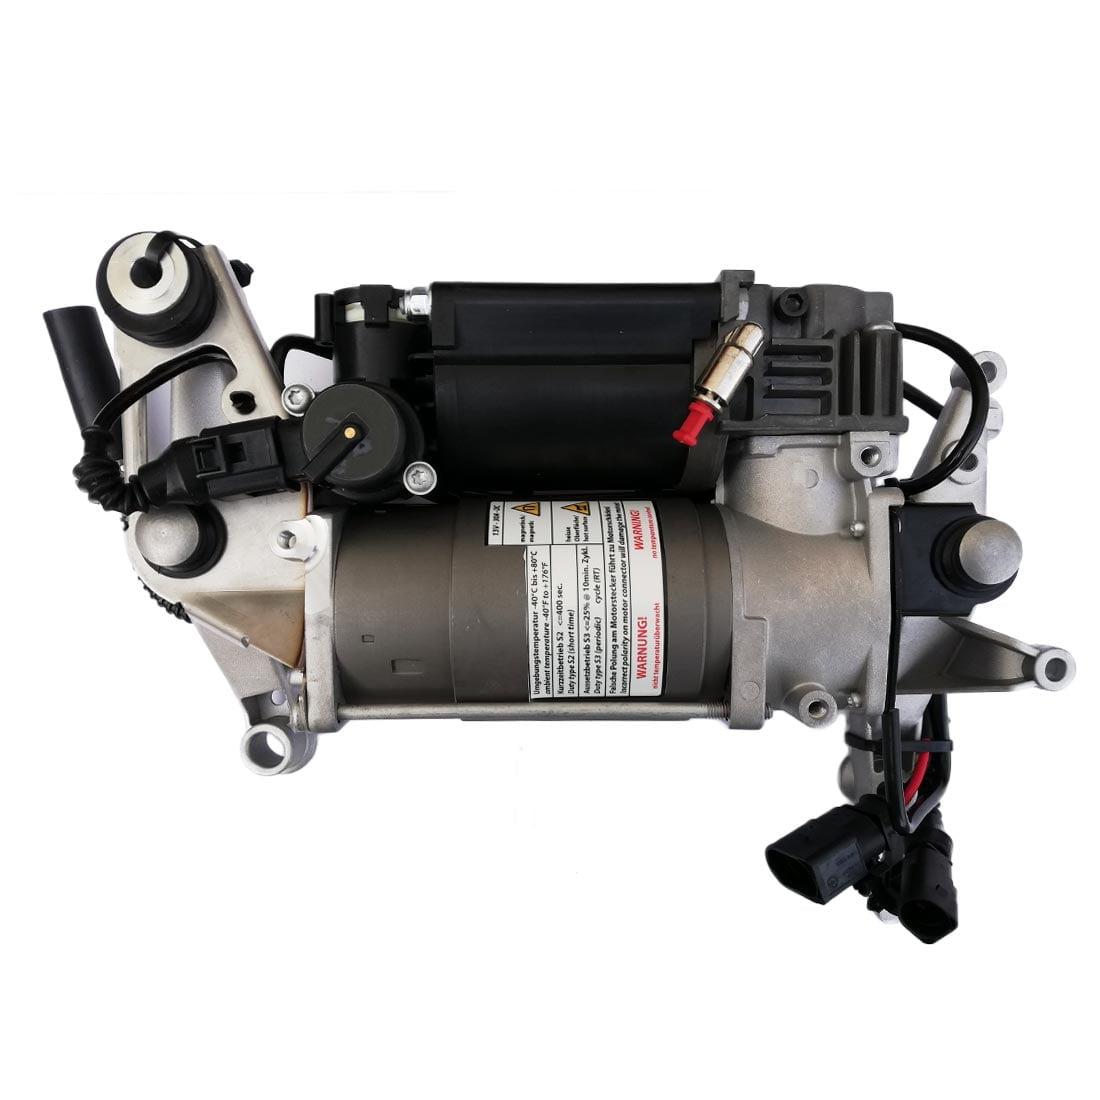 00281 Compresor De Suspension Volkswagen Touareg 1 7l Porsche Cayenne 1 95535890104 1.jpg